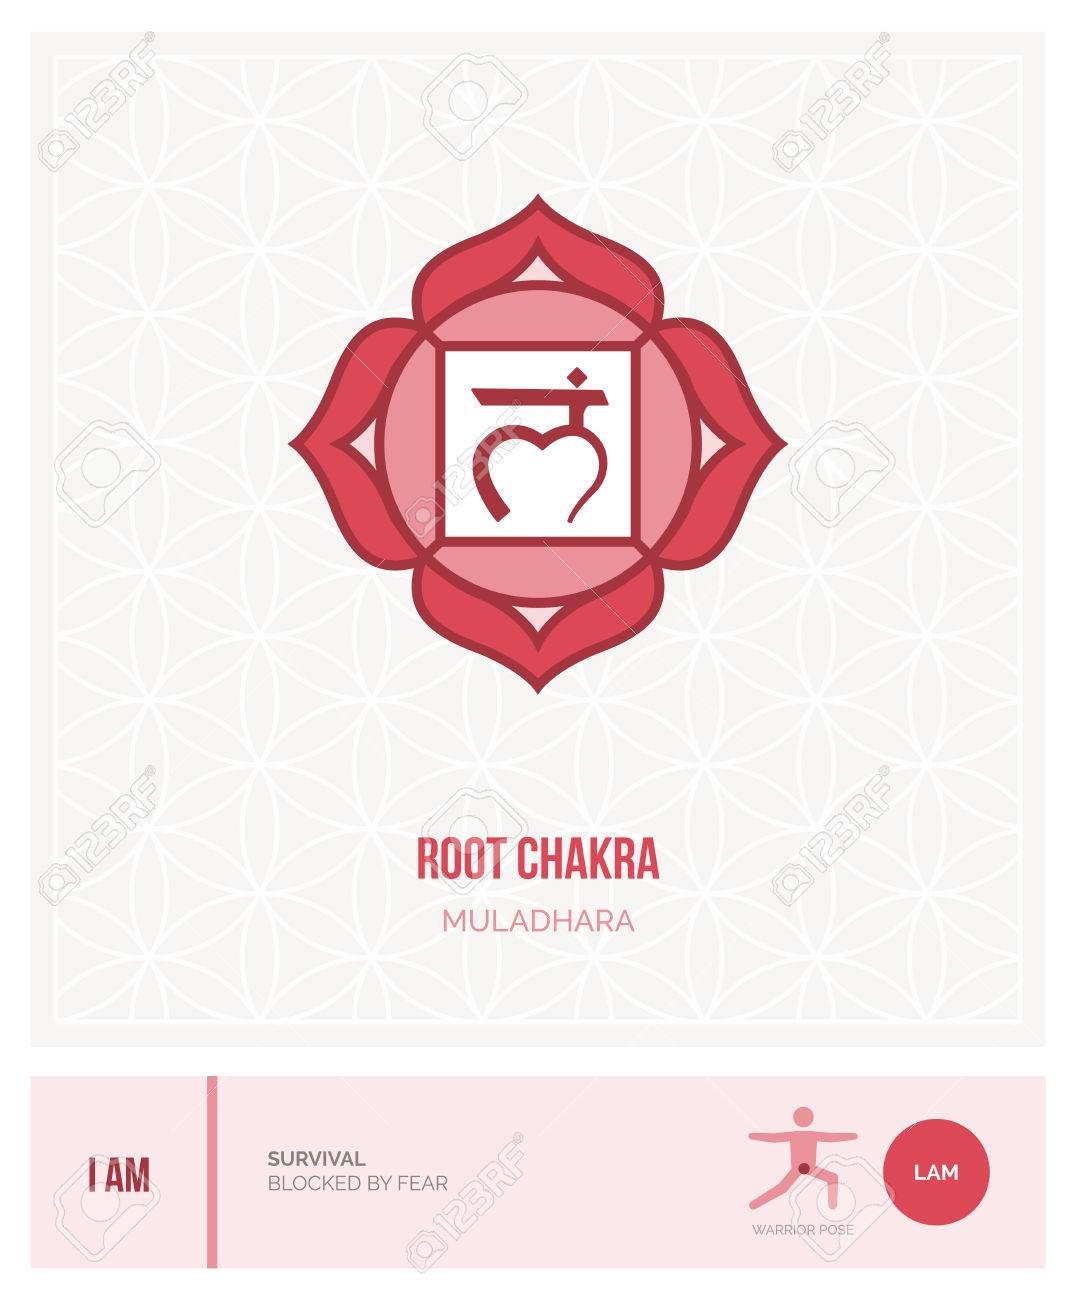 Root Chakra Muladhara Chakras Energy Healing And Yoga Poses Royalty Free Cliparts Vectors And Stock Illustration Image 77769728